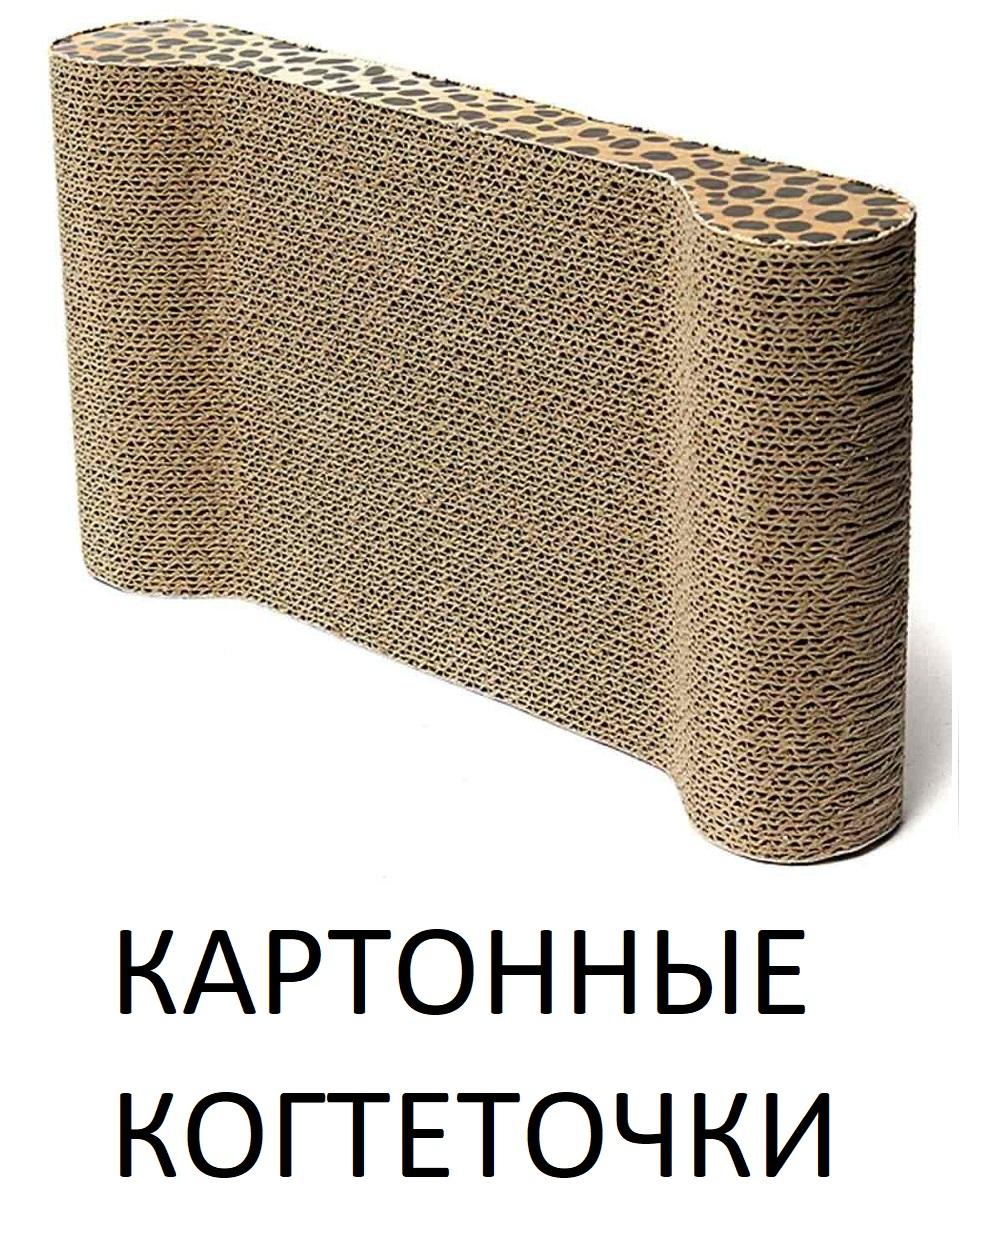 КАРТОННЫЕ КОГТЕТОЧКИ